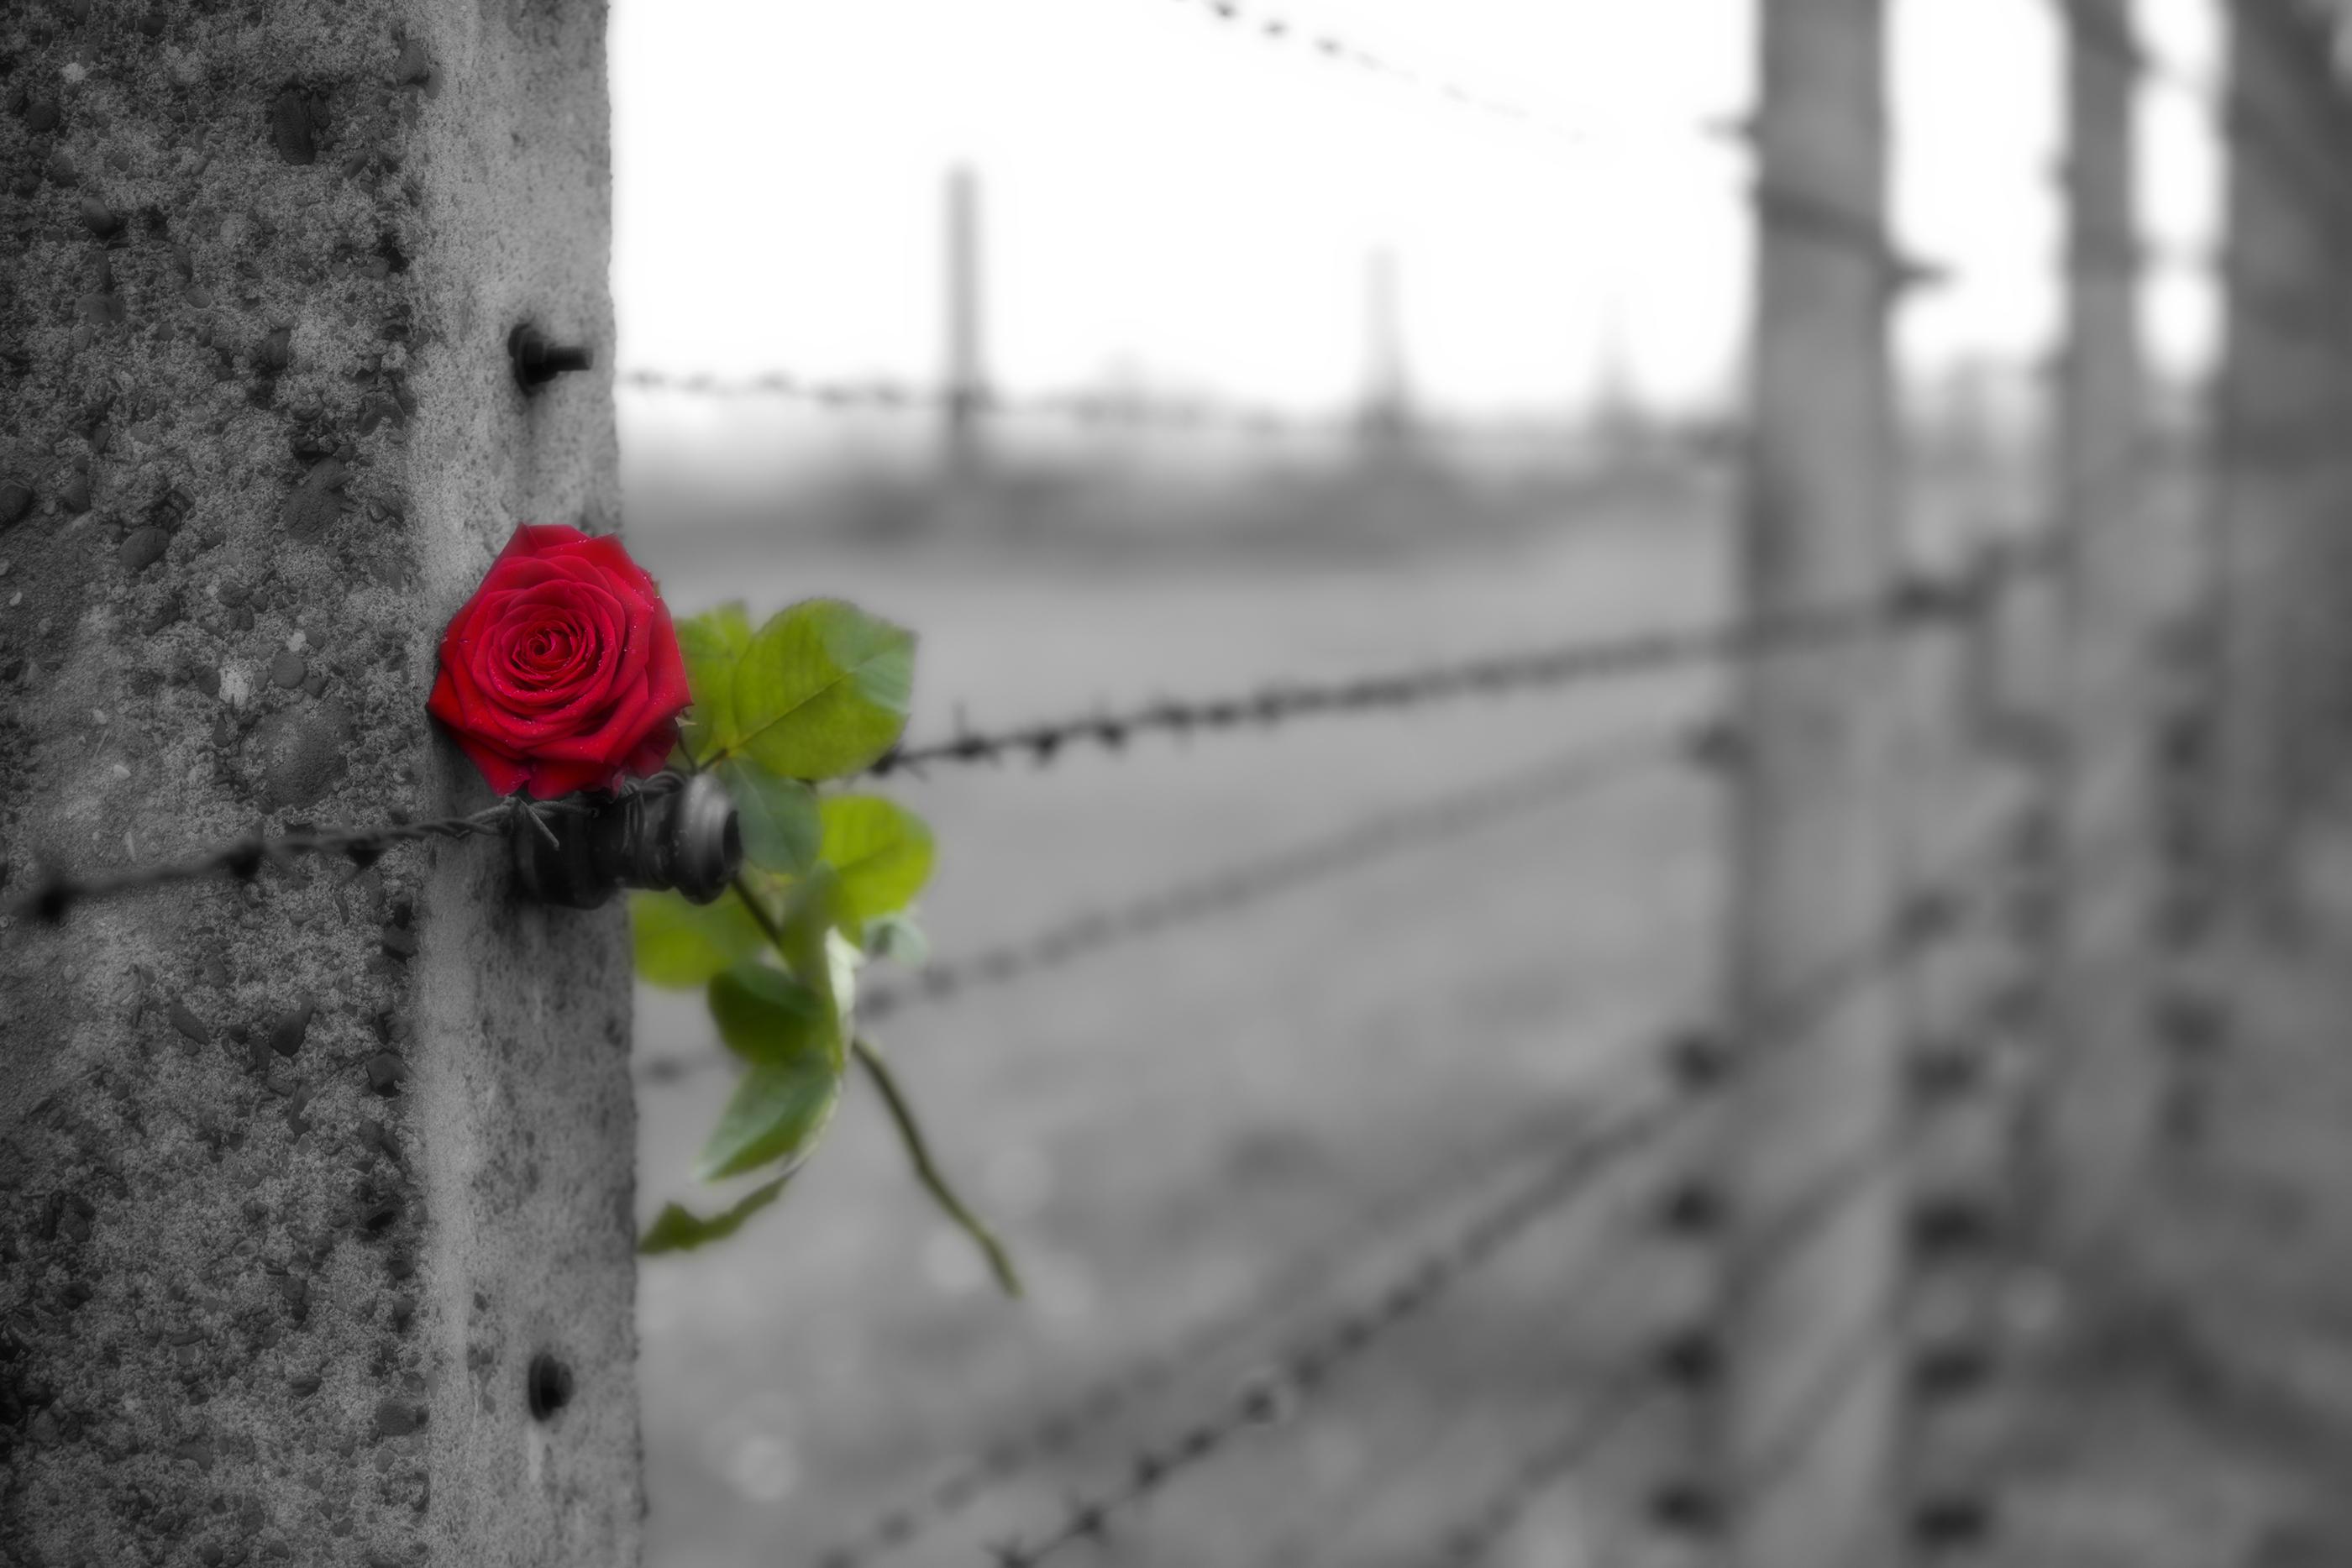 כי גם ביום השואה, תרומה קטנה של קהל הסטודנטים יכולה לעזור (צ'-shutterstock)